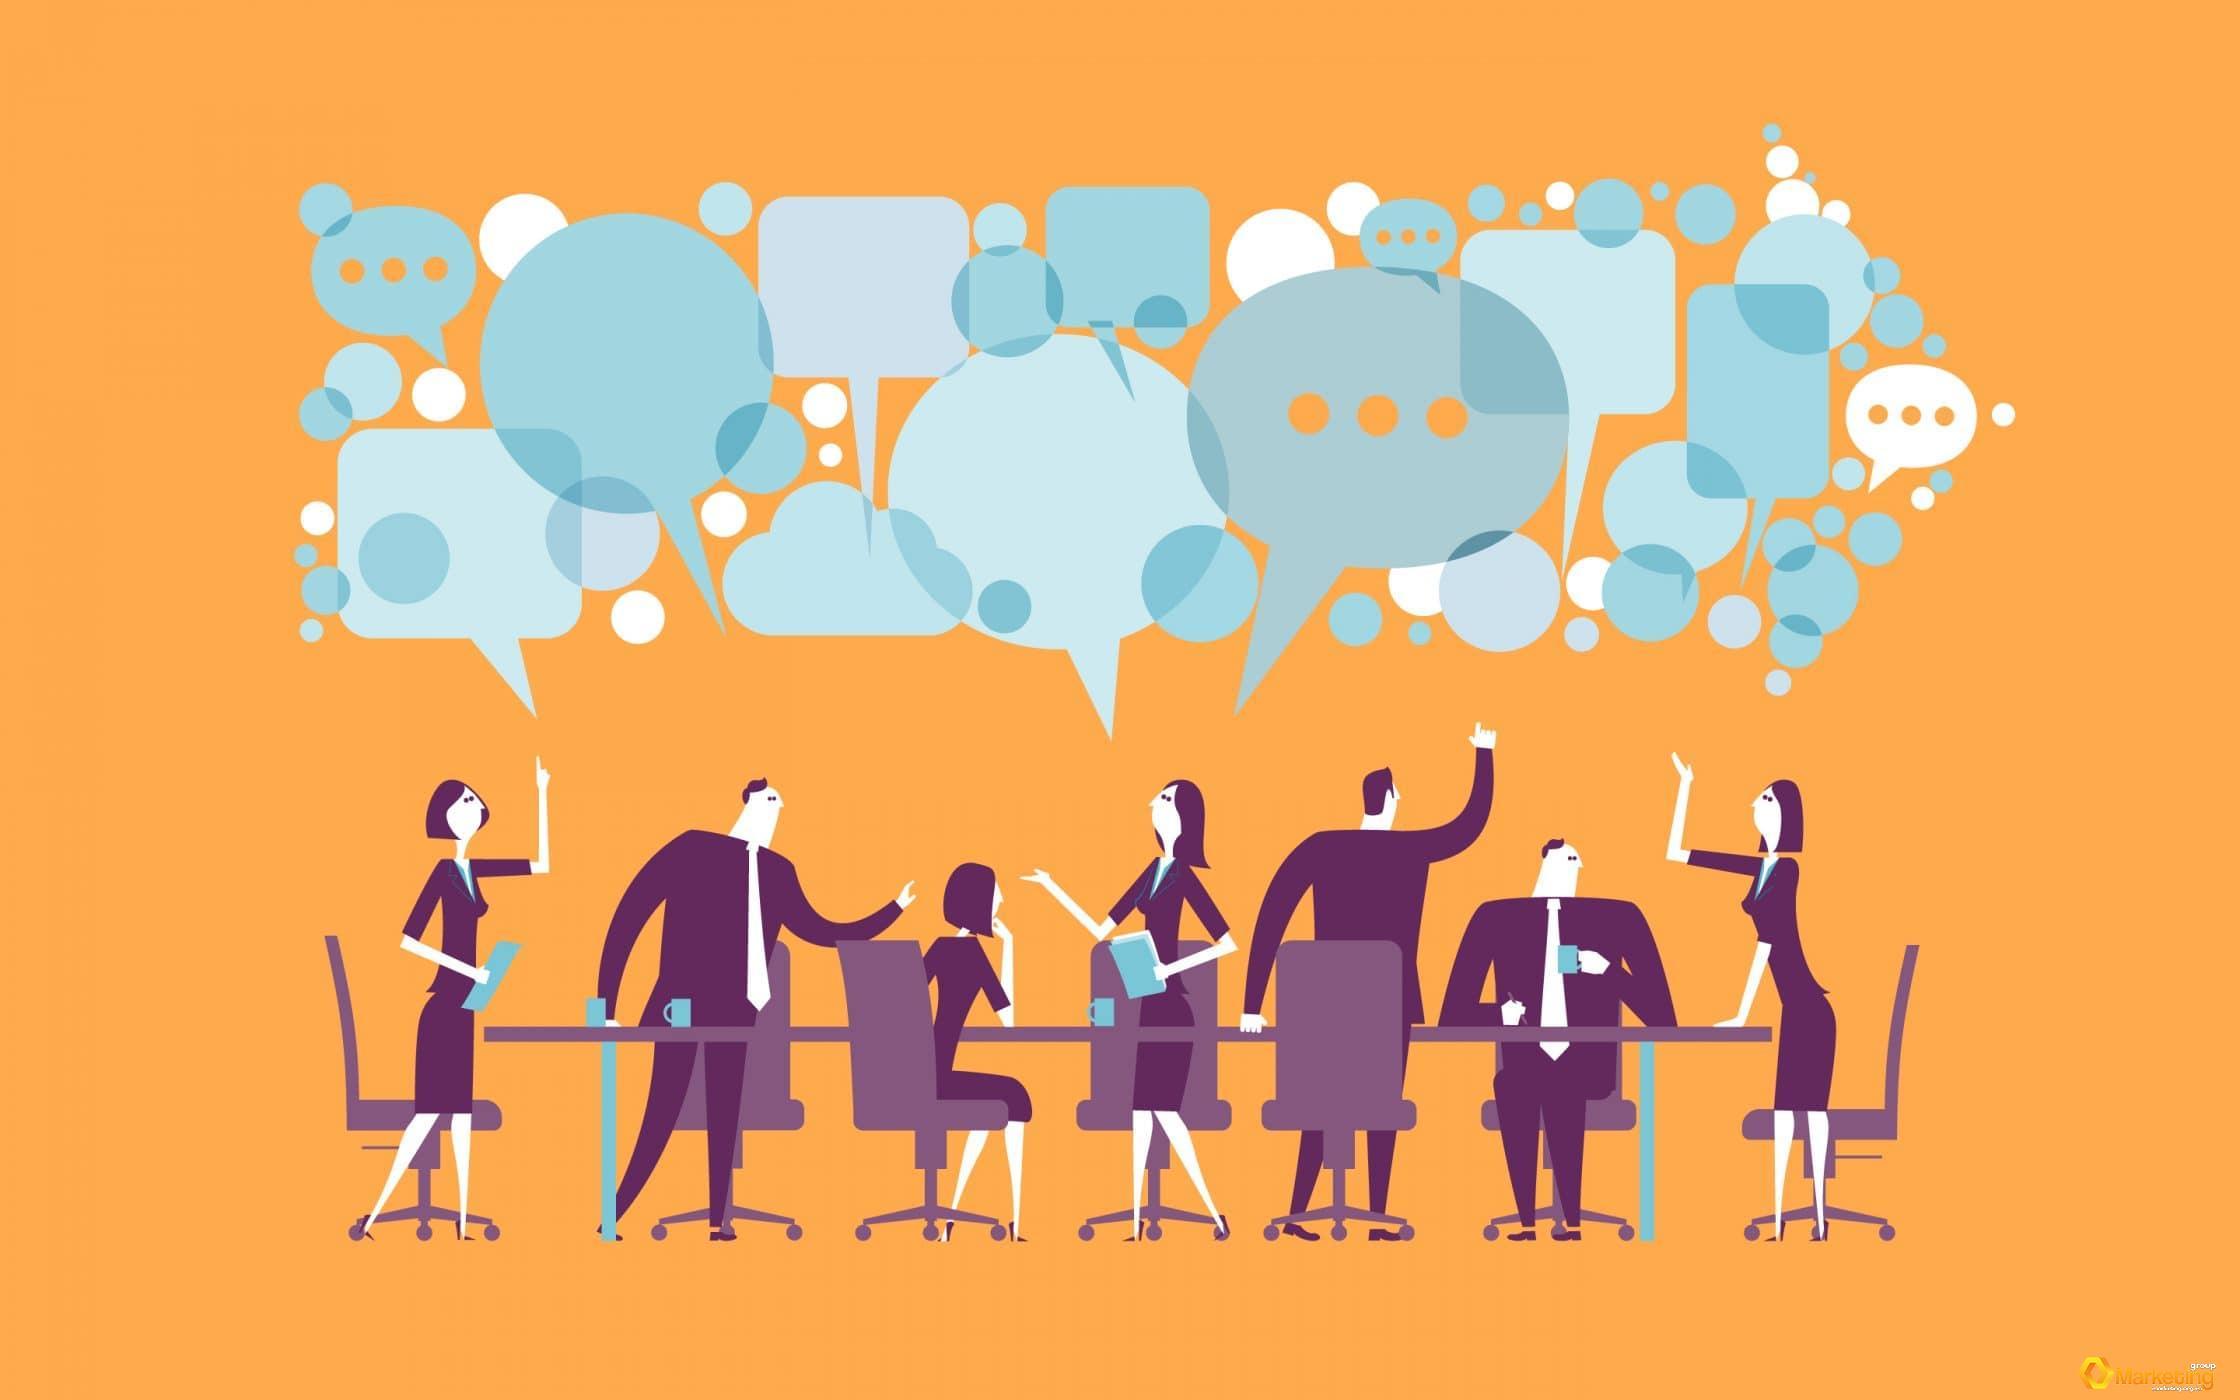 Tại sao bạn nên xây dựng tài liệu truyền thông nội bộ?